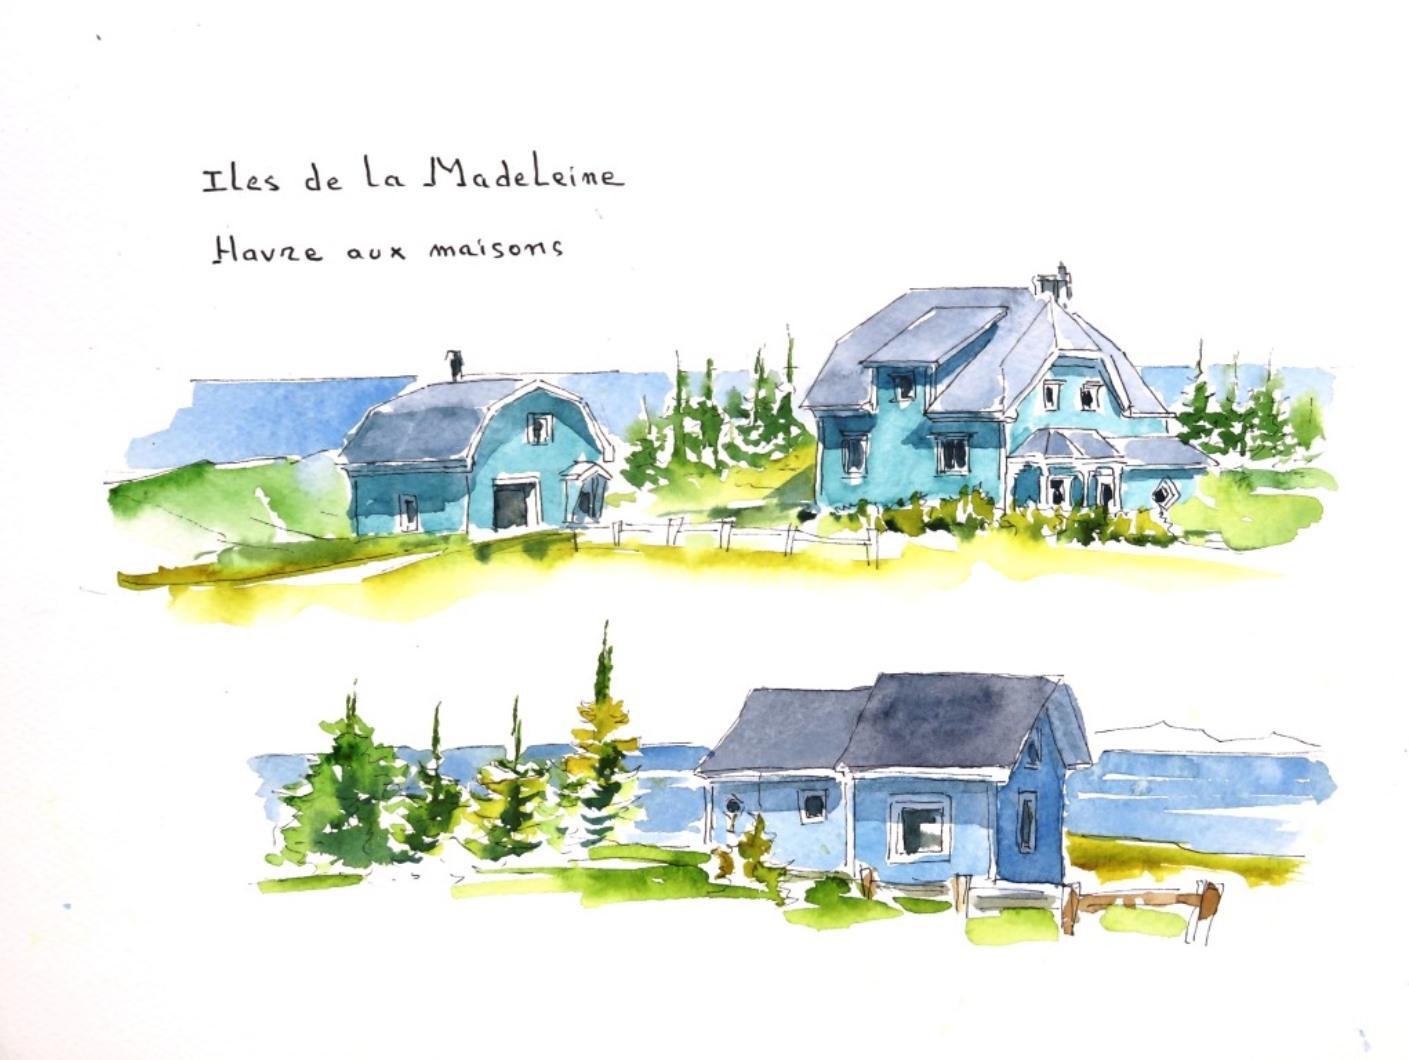 Madeleine 4 Havre aux maisons c